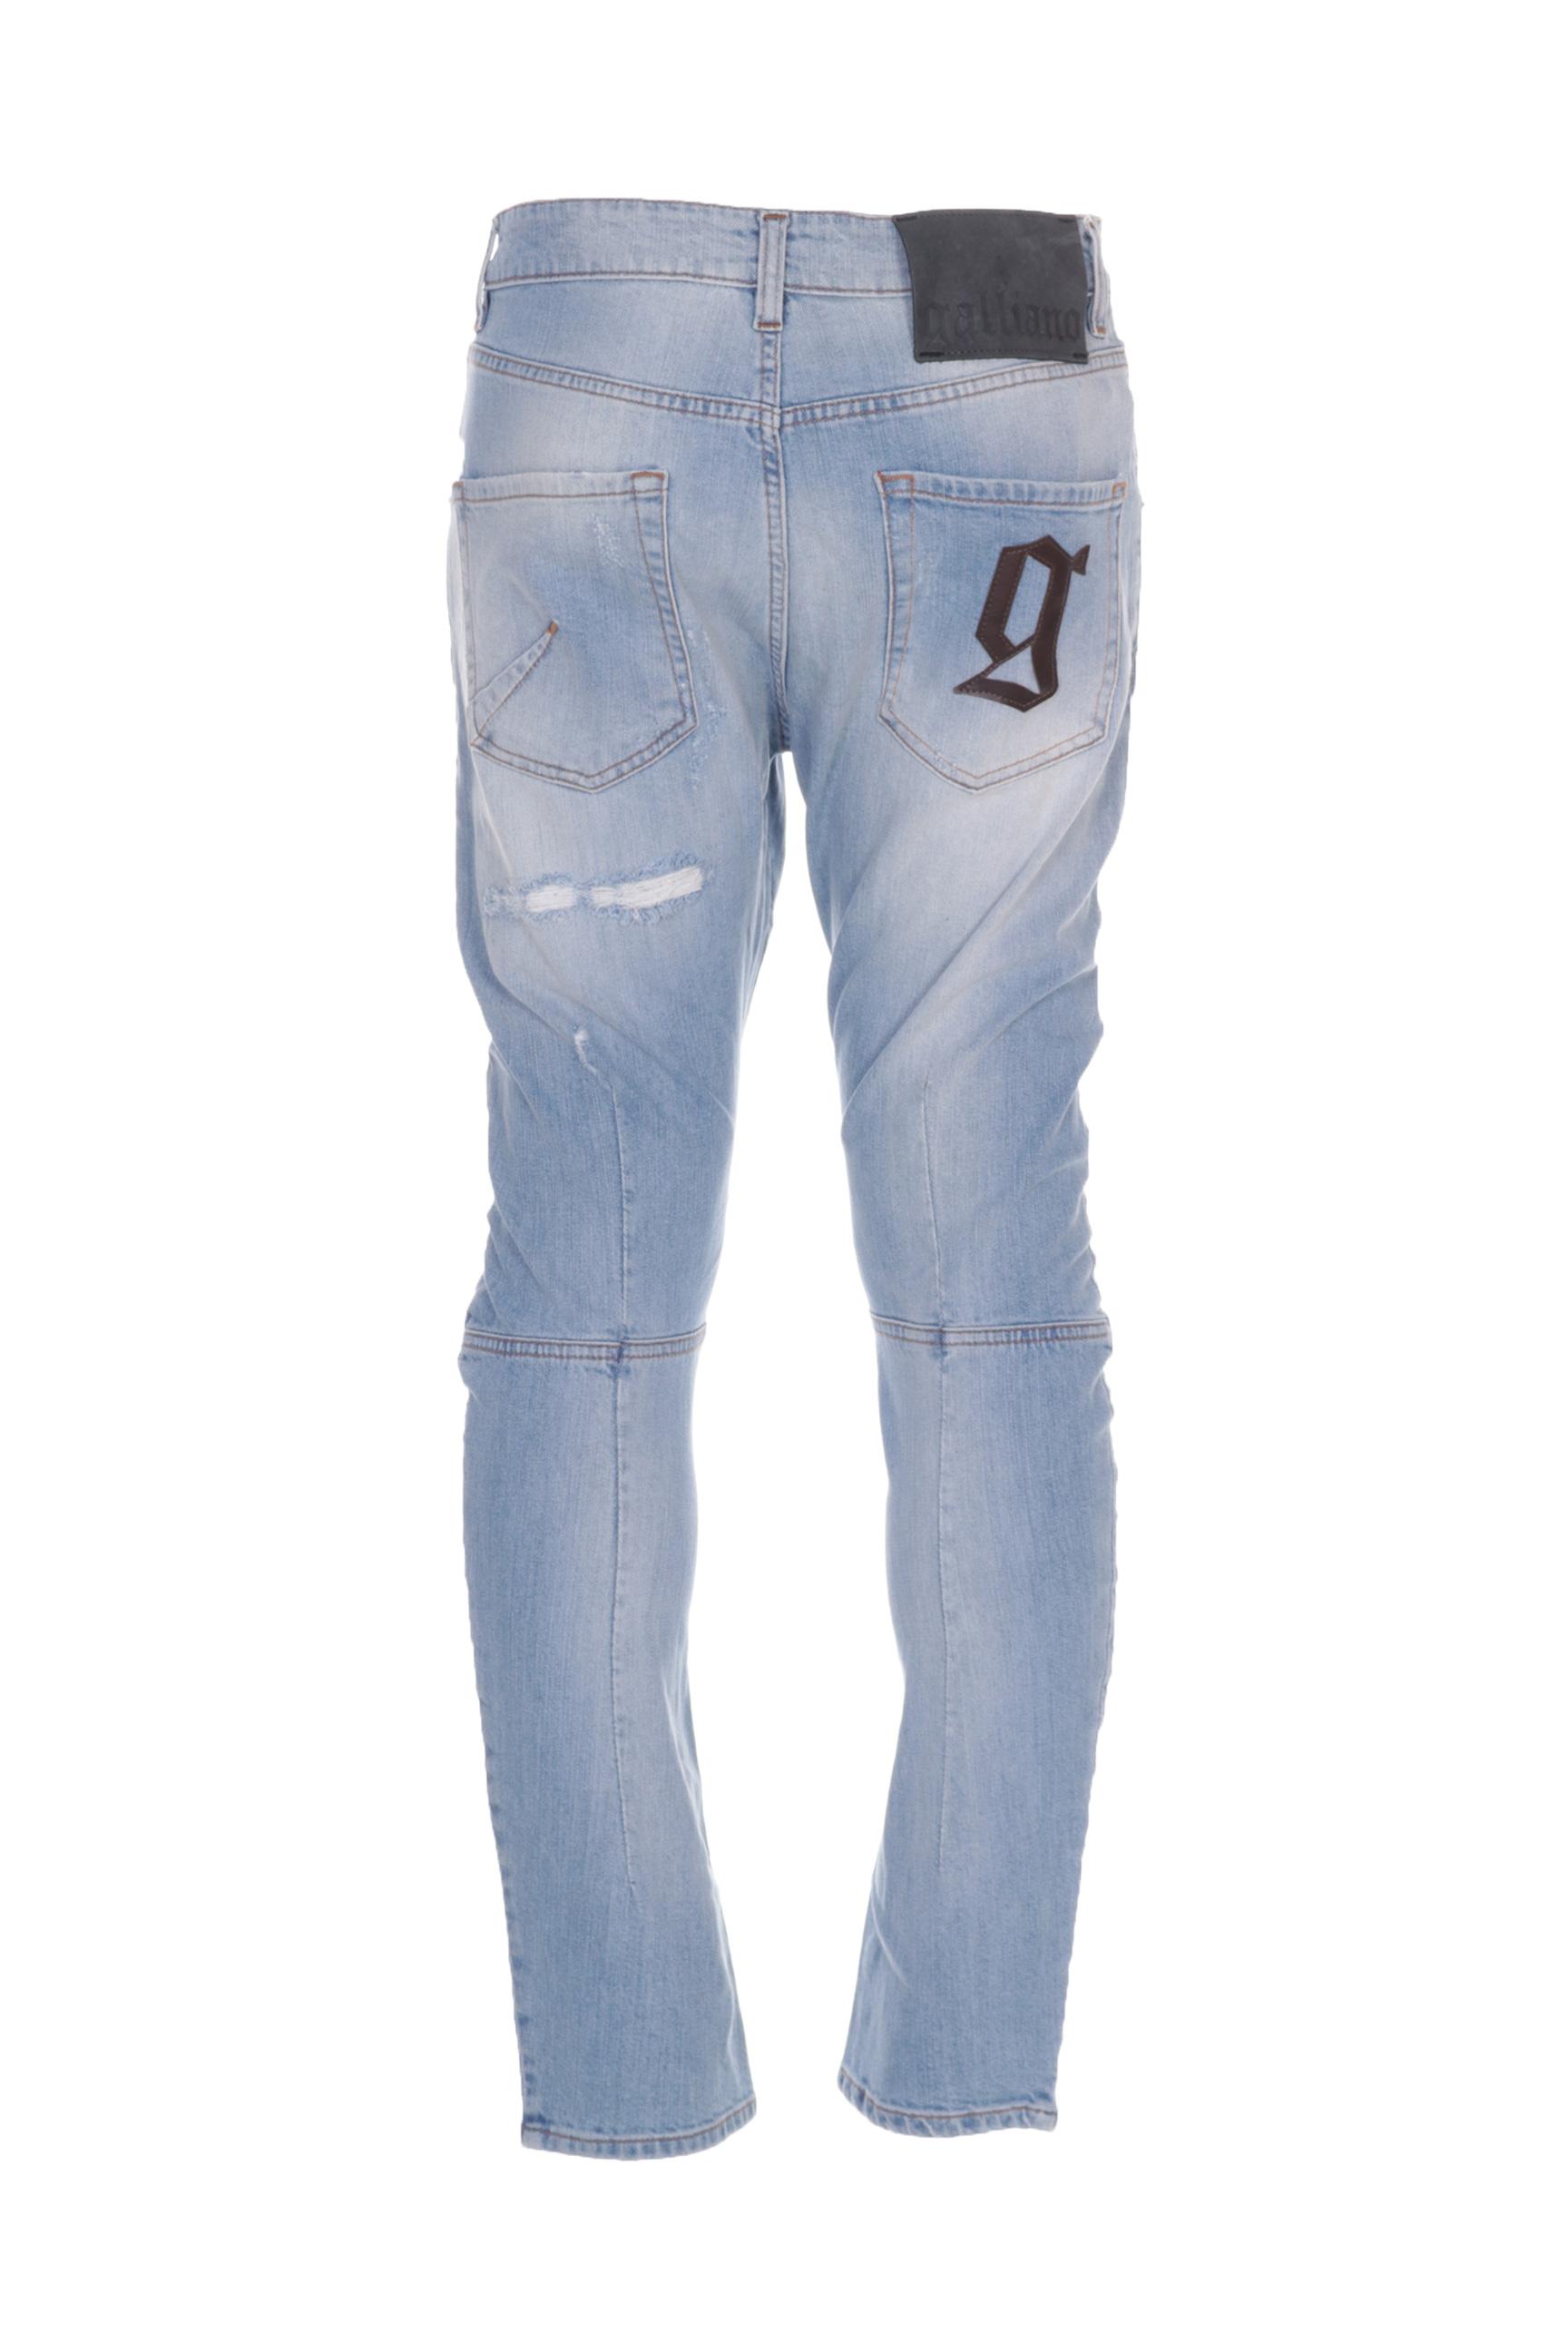 Galliano Jeans Coupe Slim Homme De Couleur Bleu En Soldes Pas Cher 1293323-bleu00